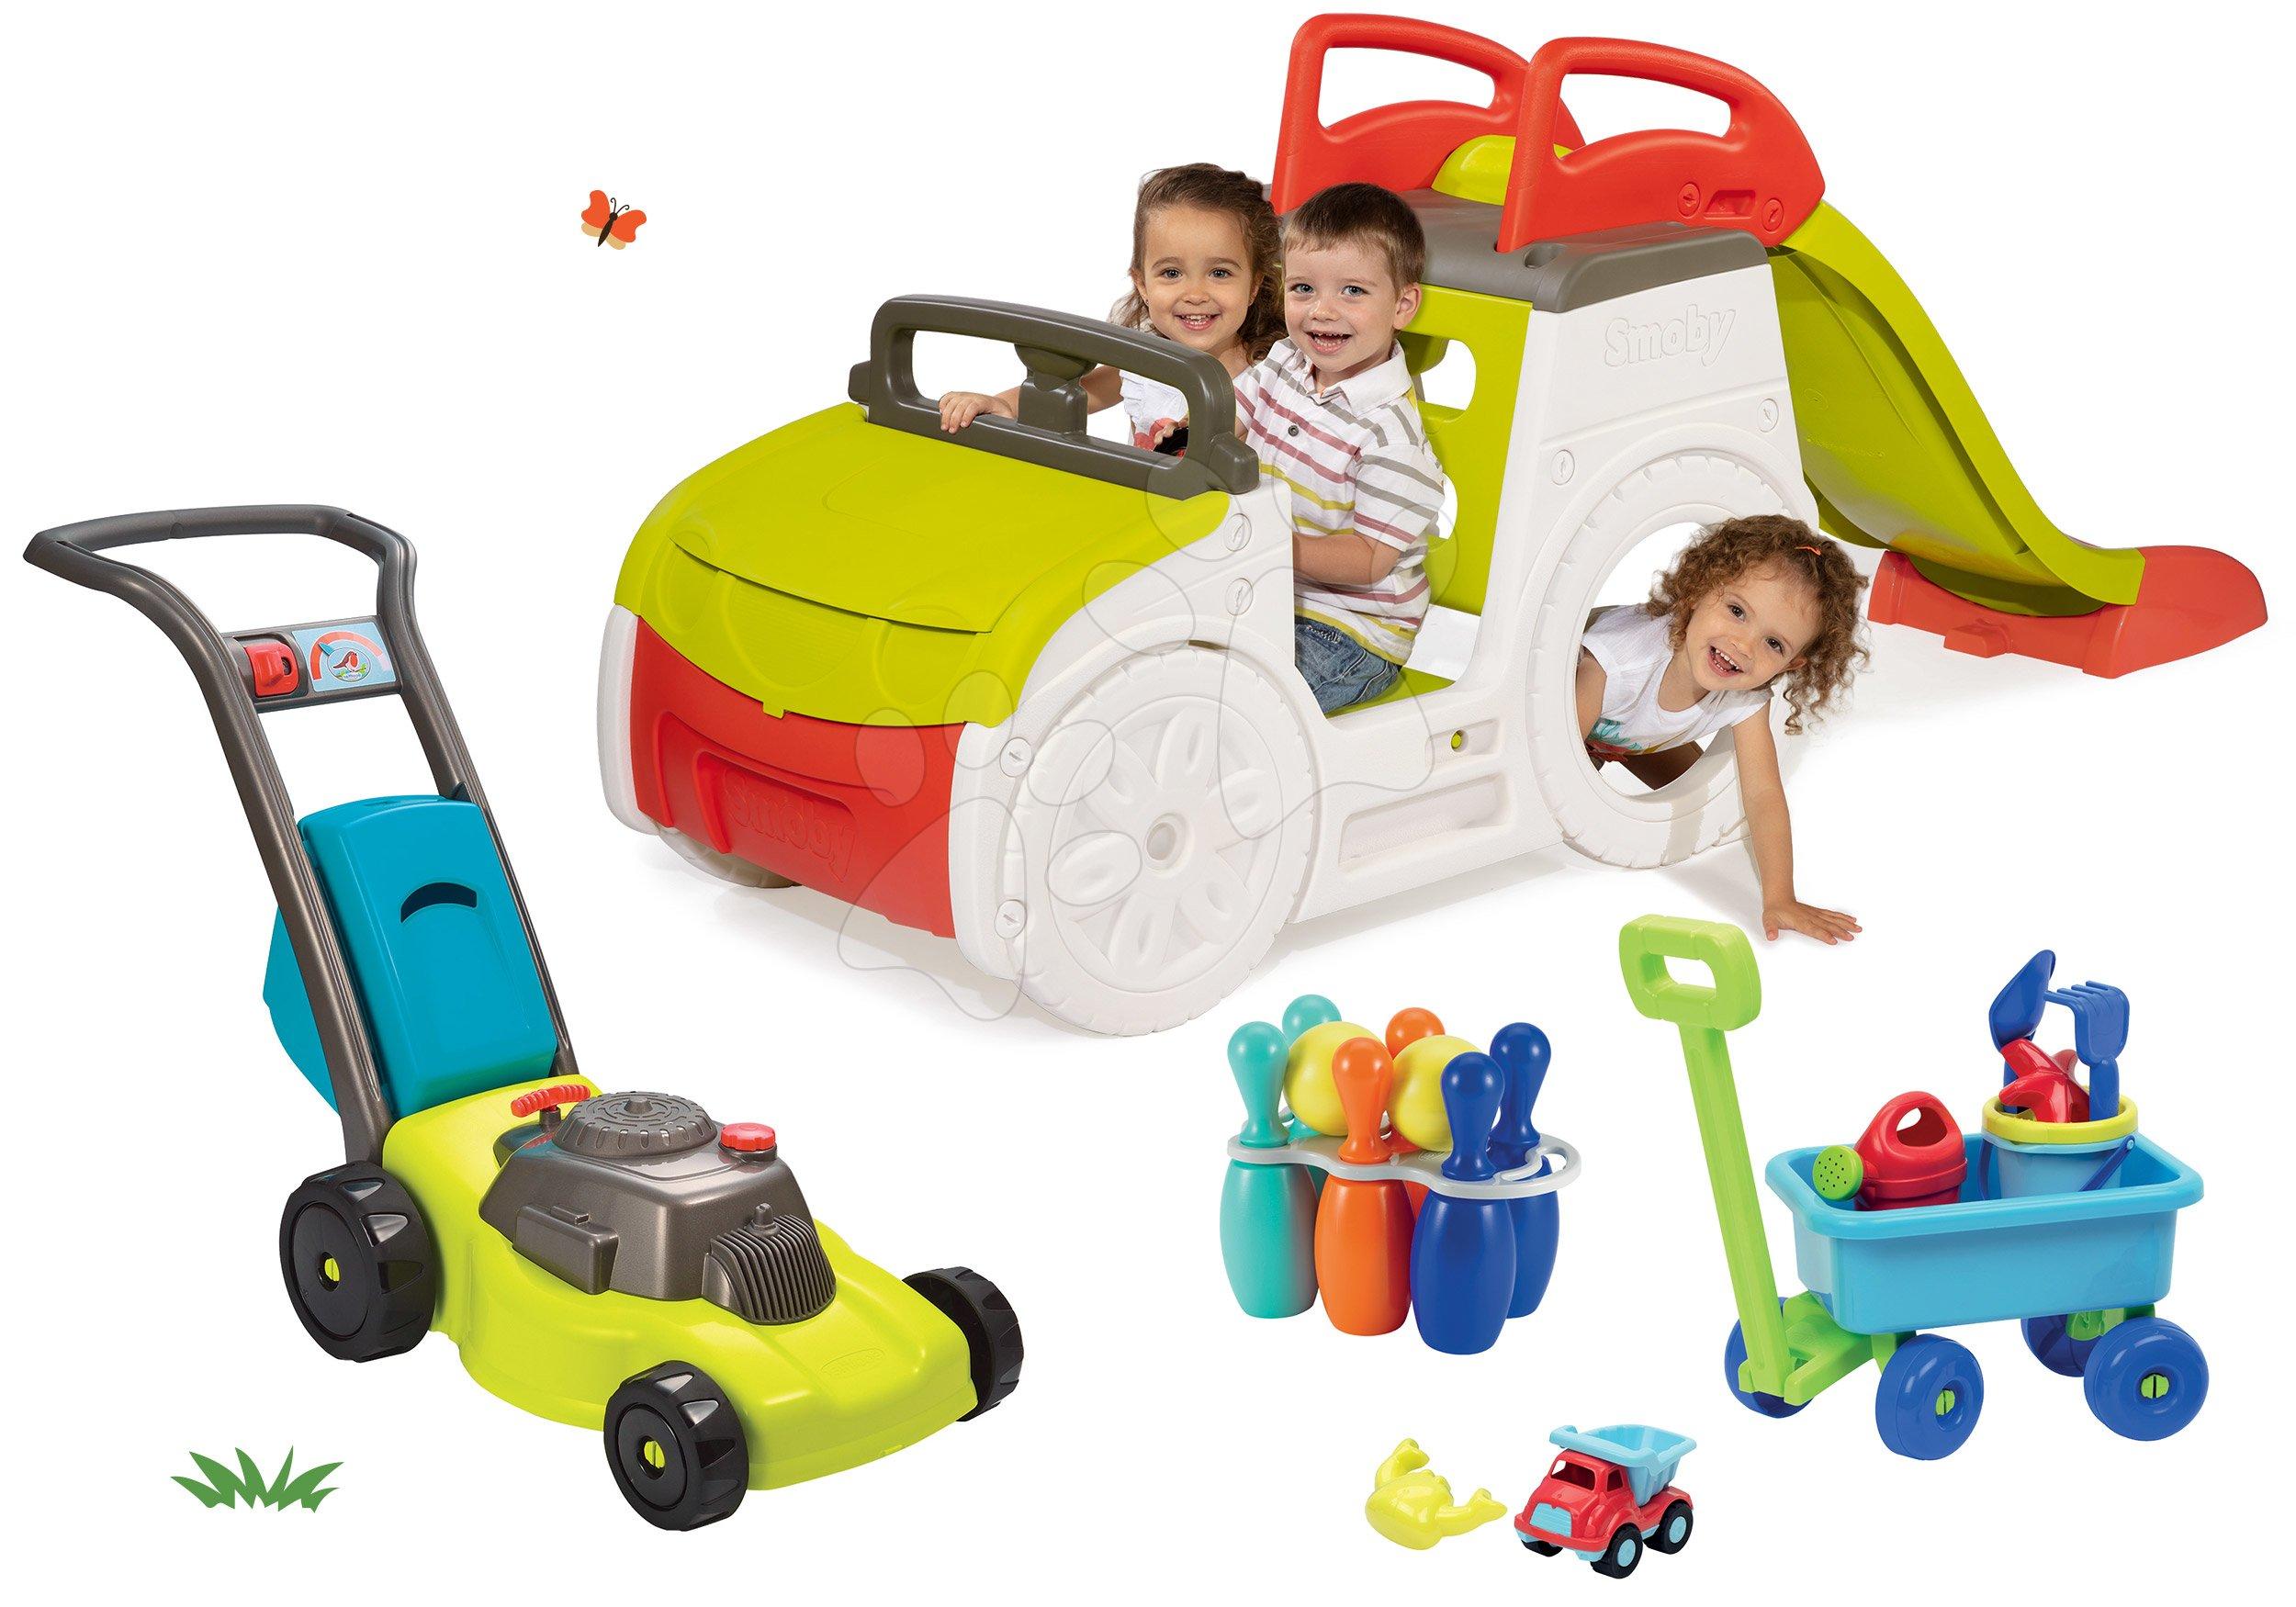 Set prolézačka Adventure Car Smoby se skluzavkou, sekačka, vozík na tahání a kuželky od 24 měsíců